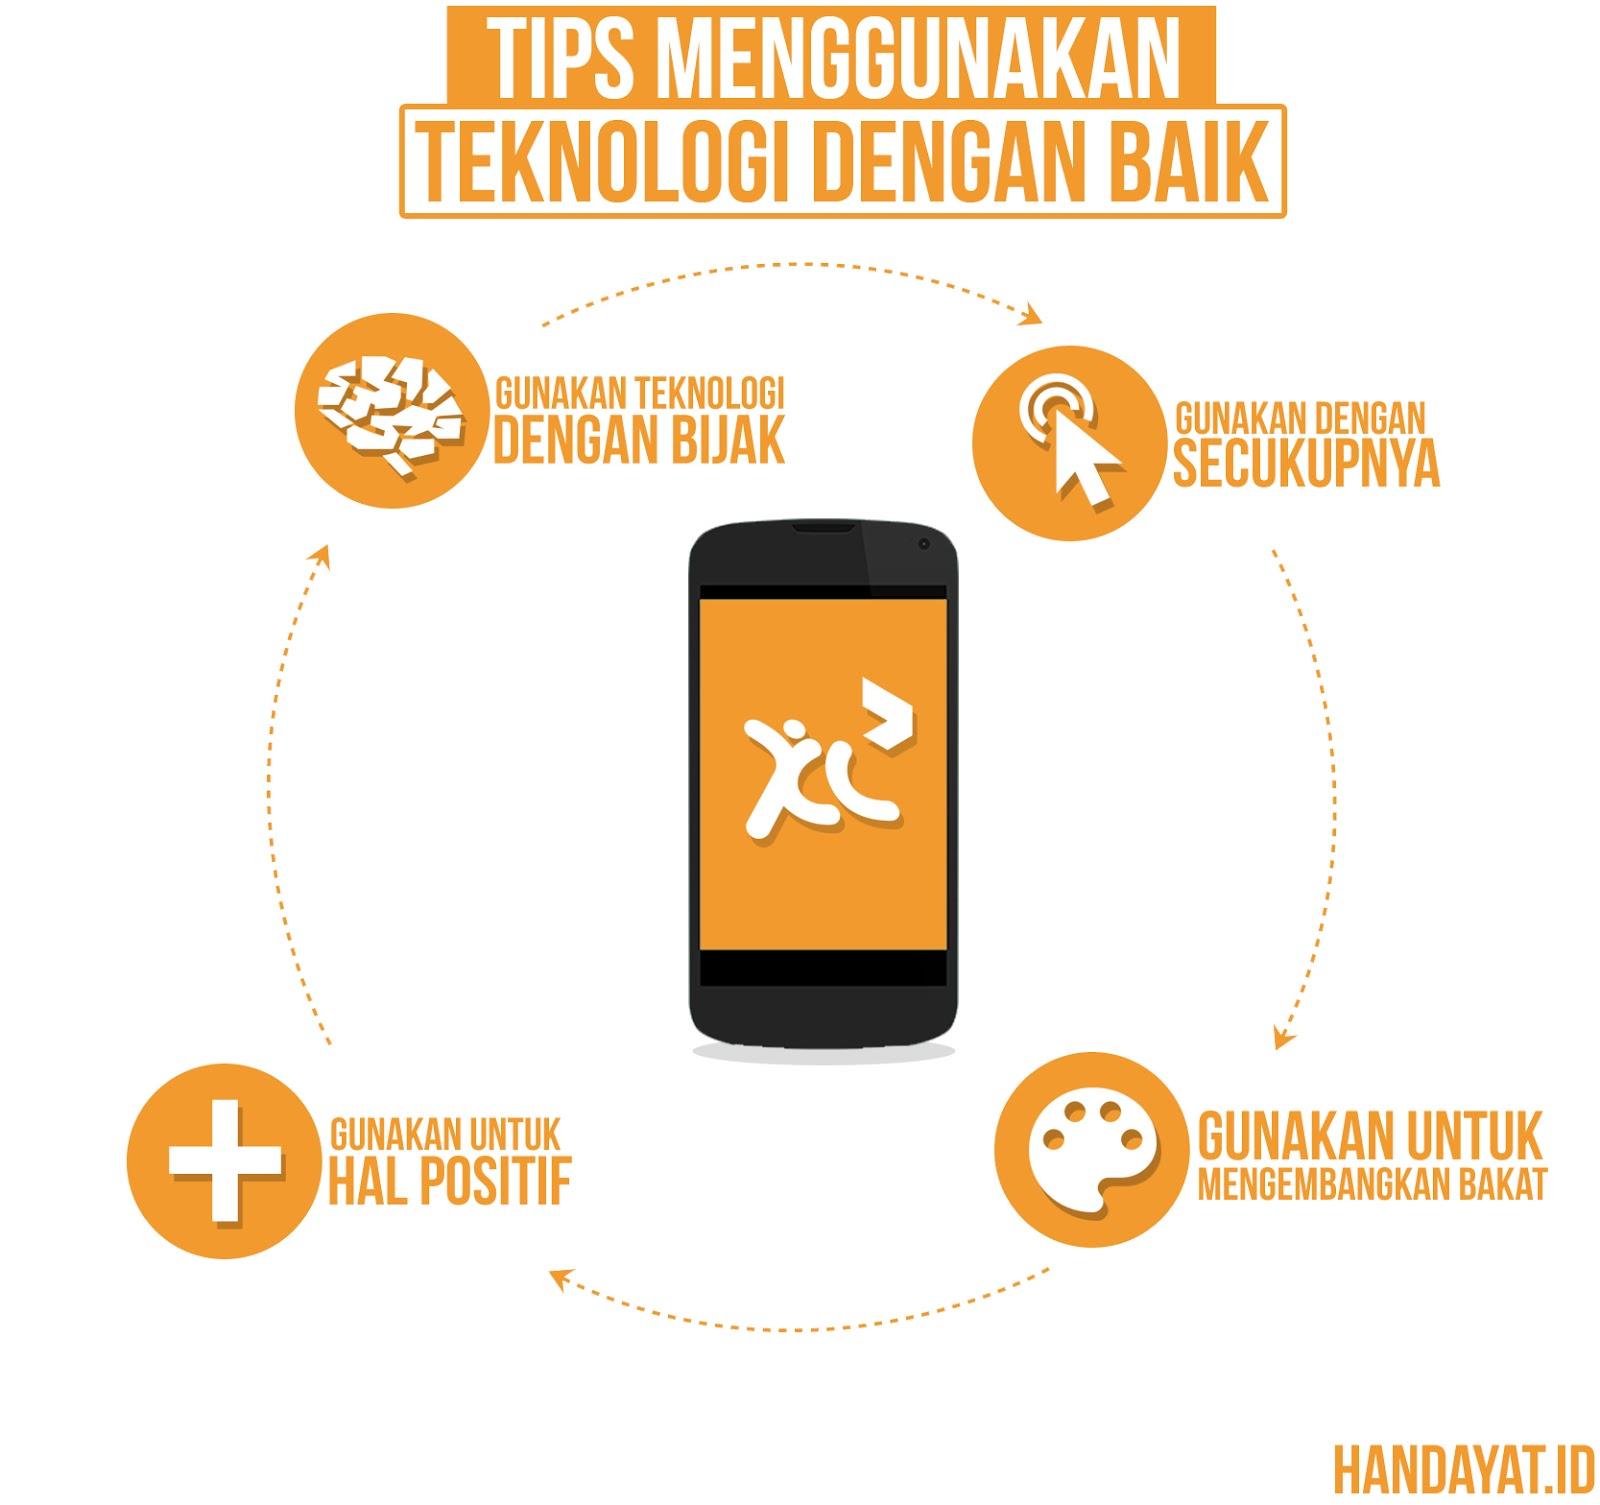 Membangun Indonesia melalui Teknologi, Informasi dan Komunikasi, Bisakah? 12